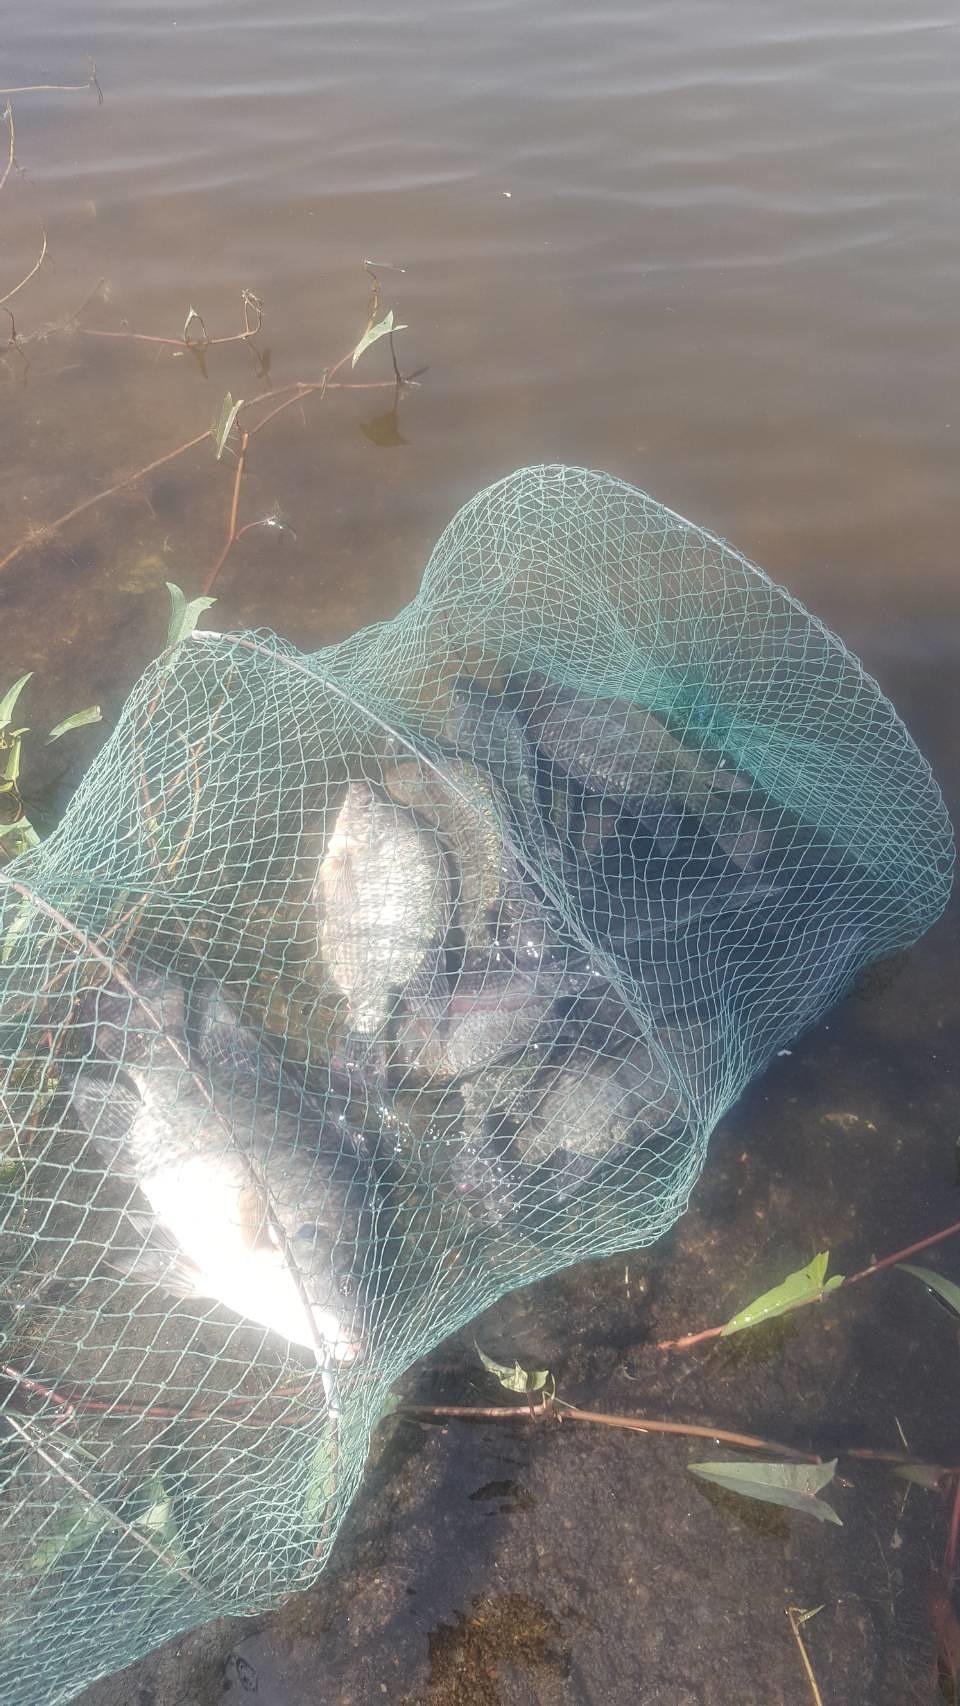 บ่อตกปลาทรายทอง บางปะอิน